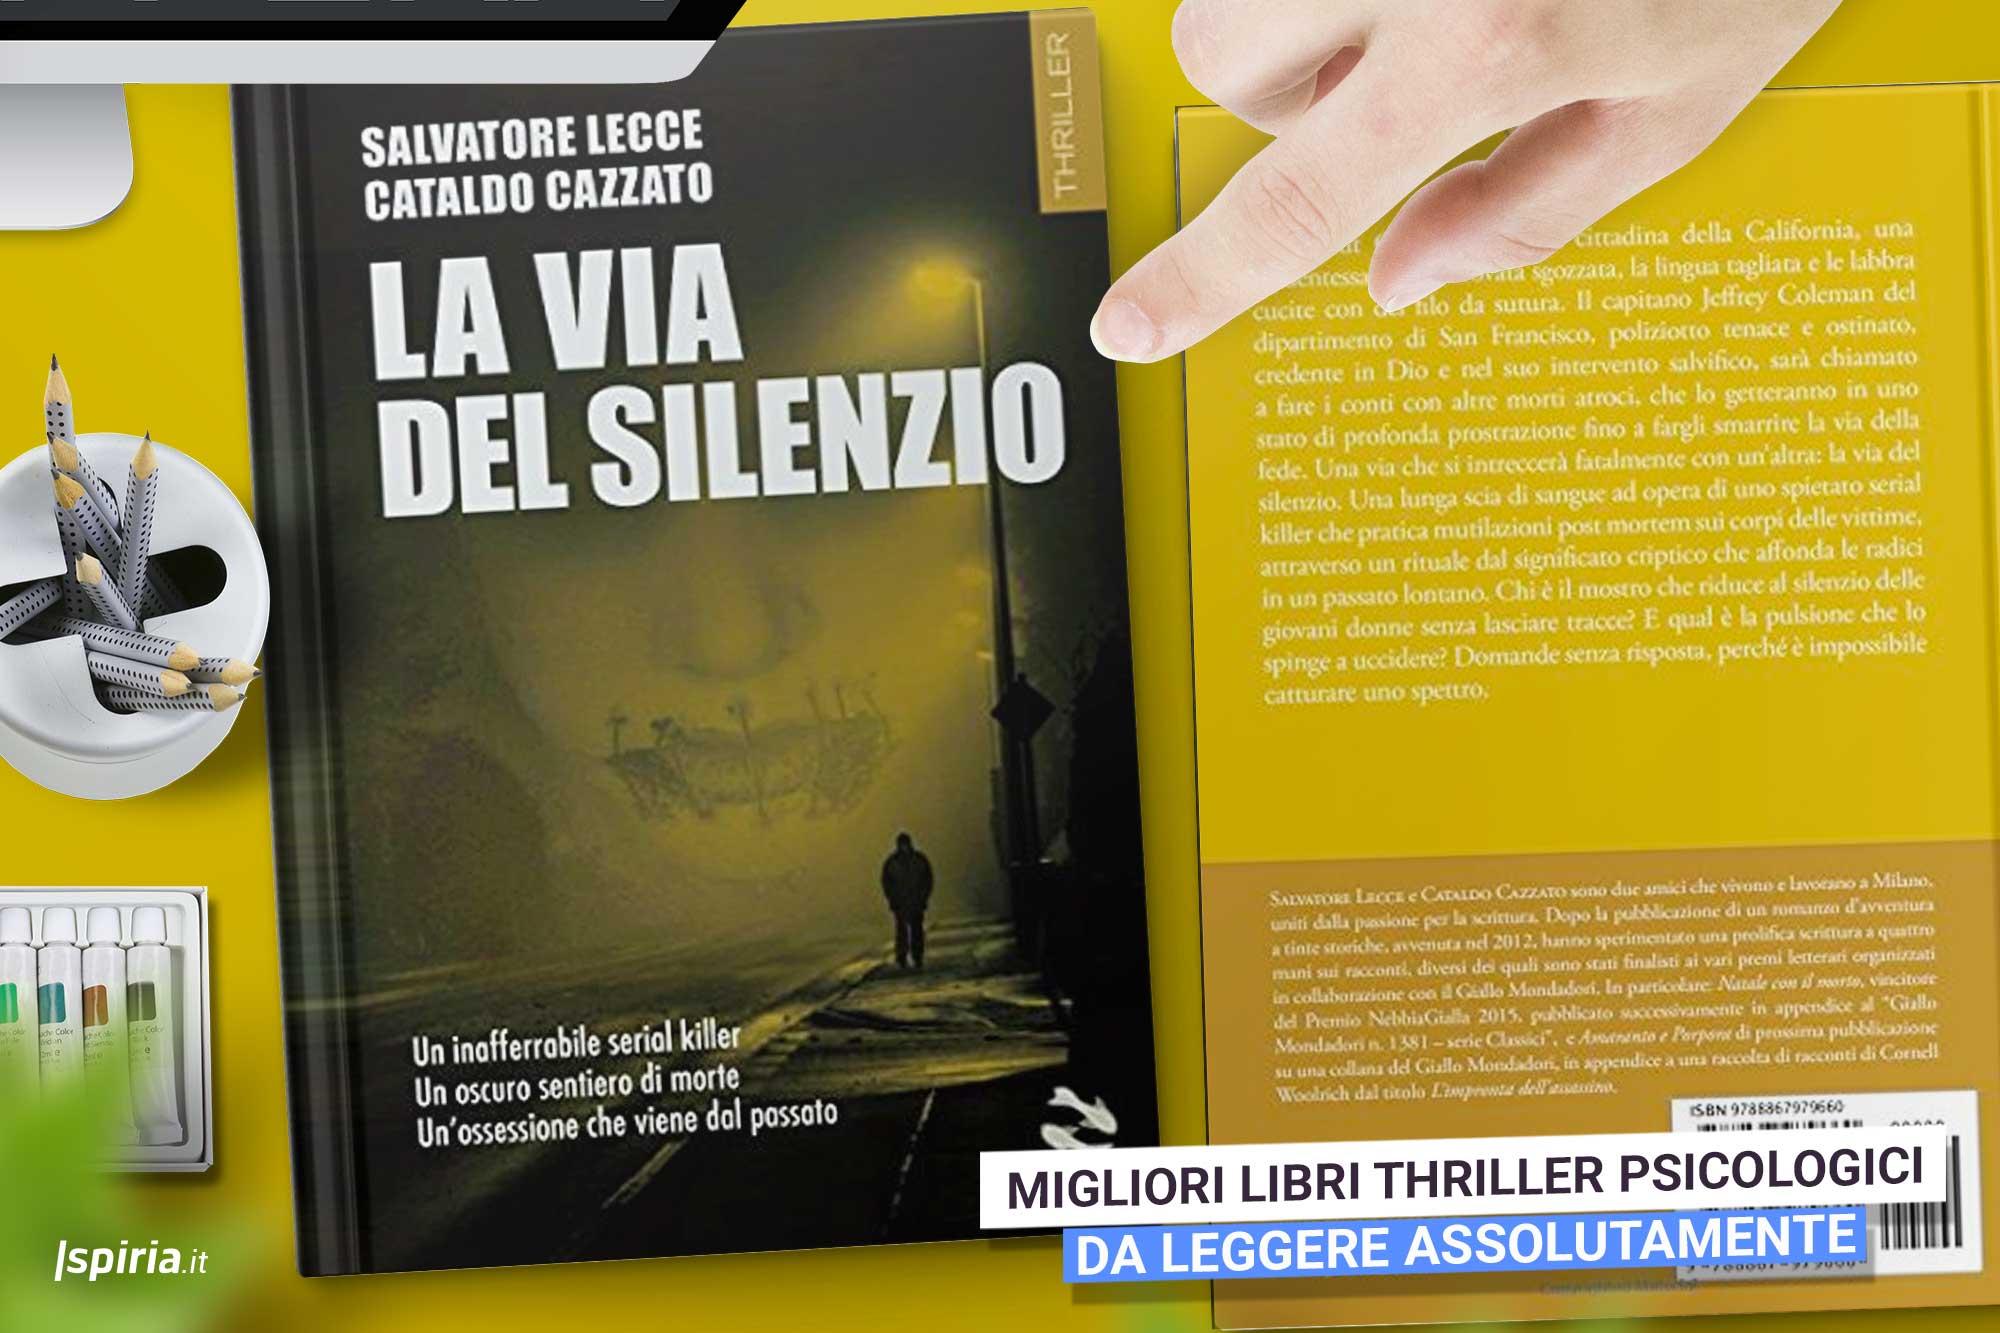 Libro-thriller-migliore-da-legge-consigliato